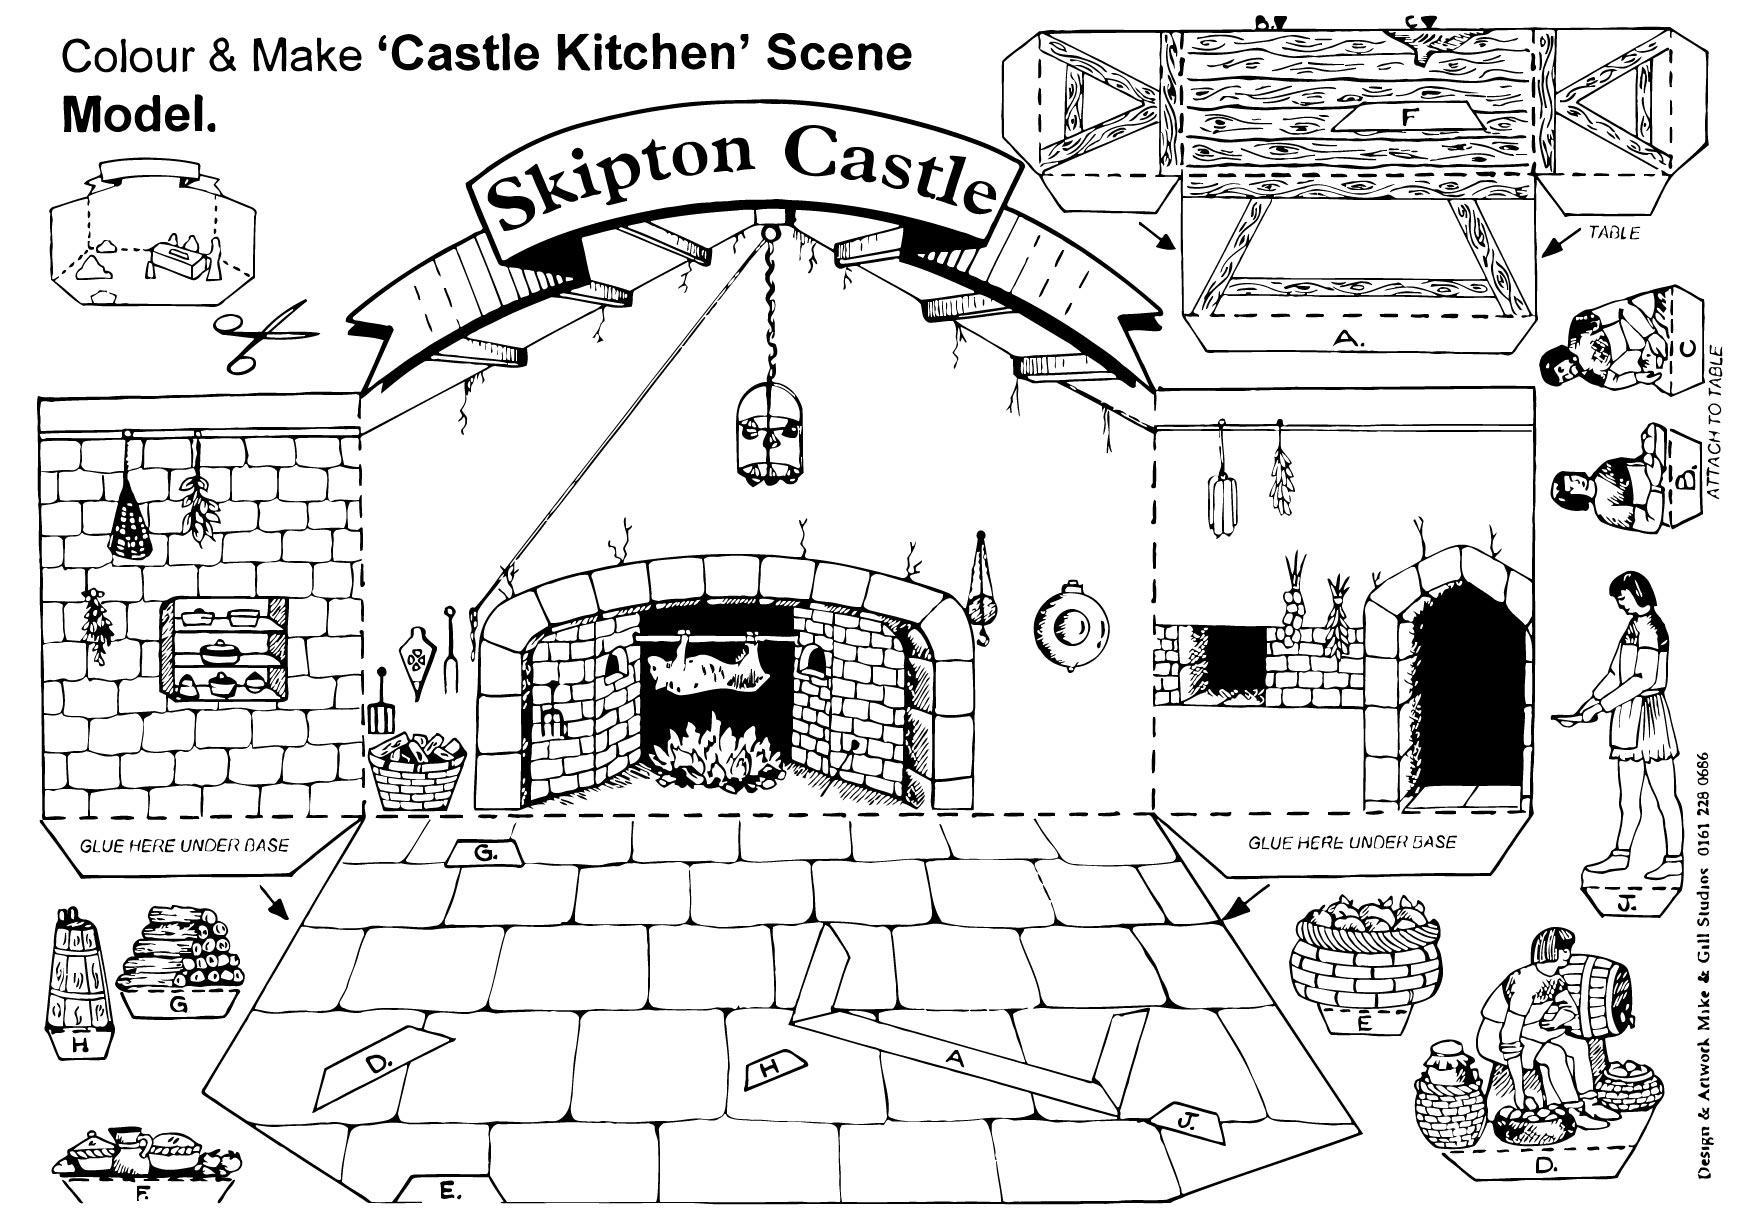 Malvorlage Küche Schloss Skipton | Ausmalbild 14905.